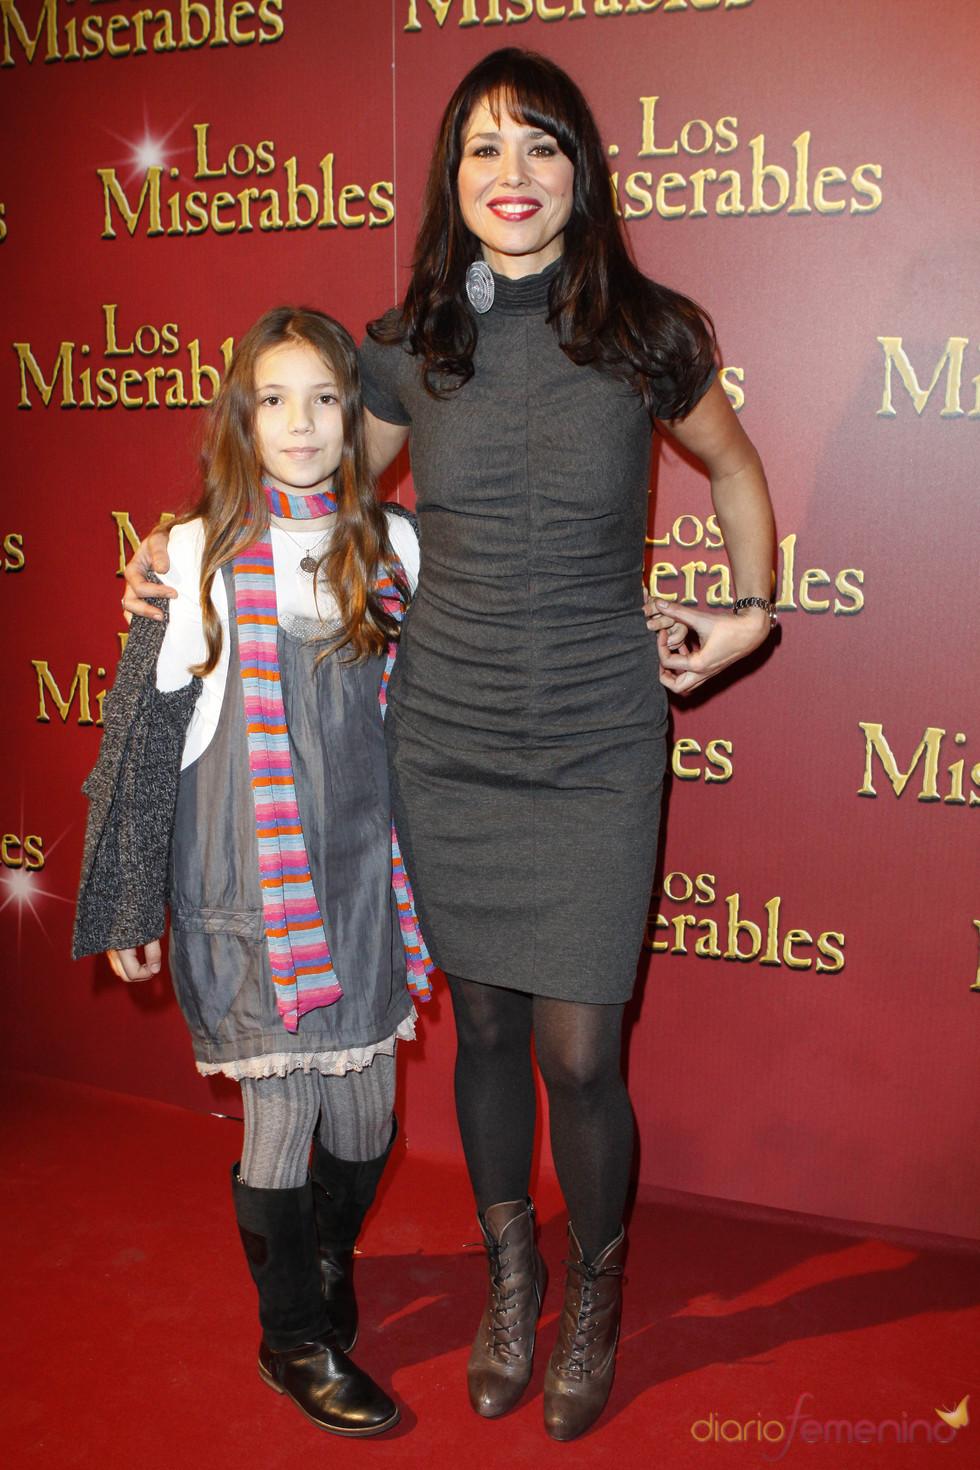 La periodista Minerva Piquero en el estreno de 'Los Miserables' junto a su hija